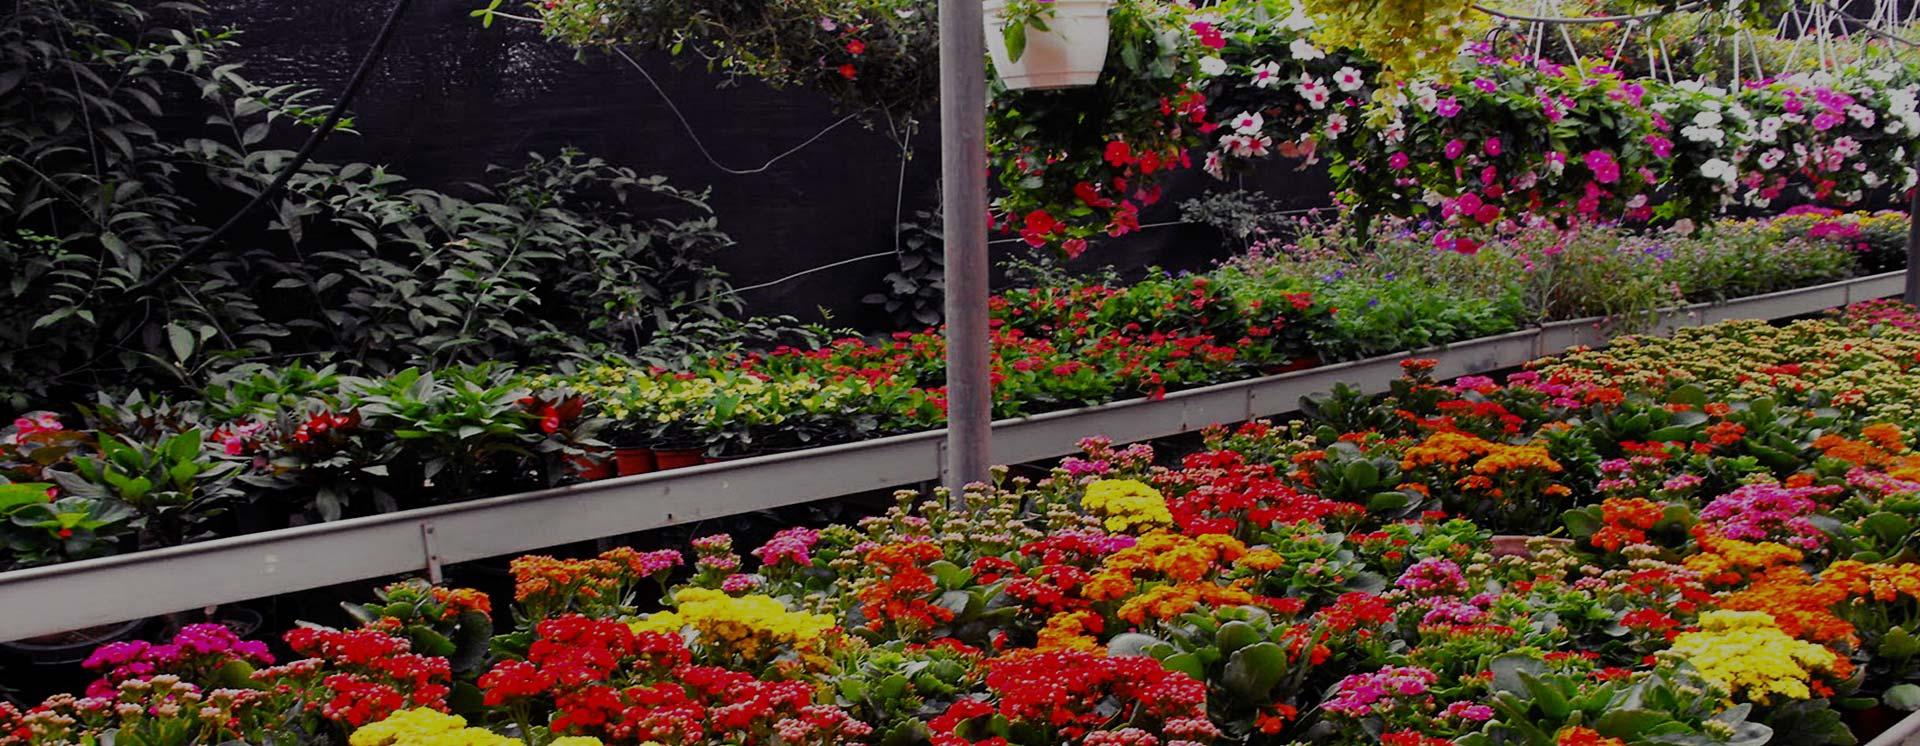 Viveros ponderosa producci n y comercializaci n de for Produccion de plantas ornamentales